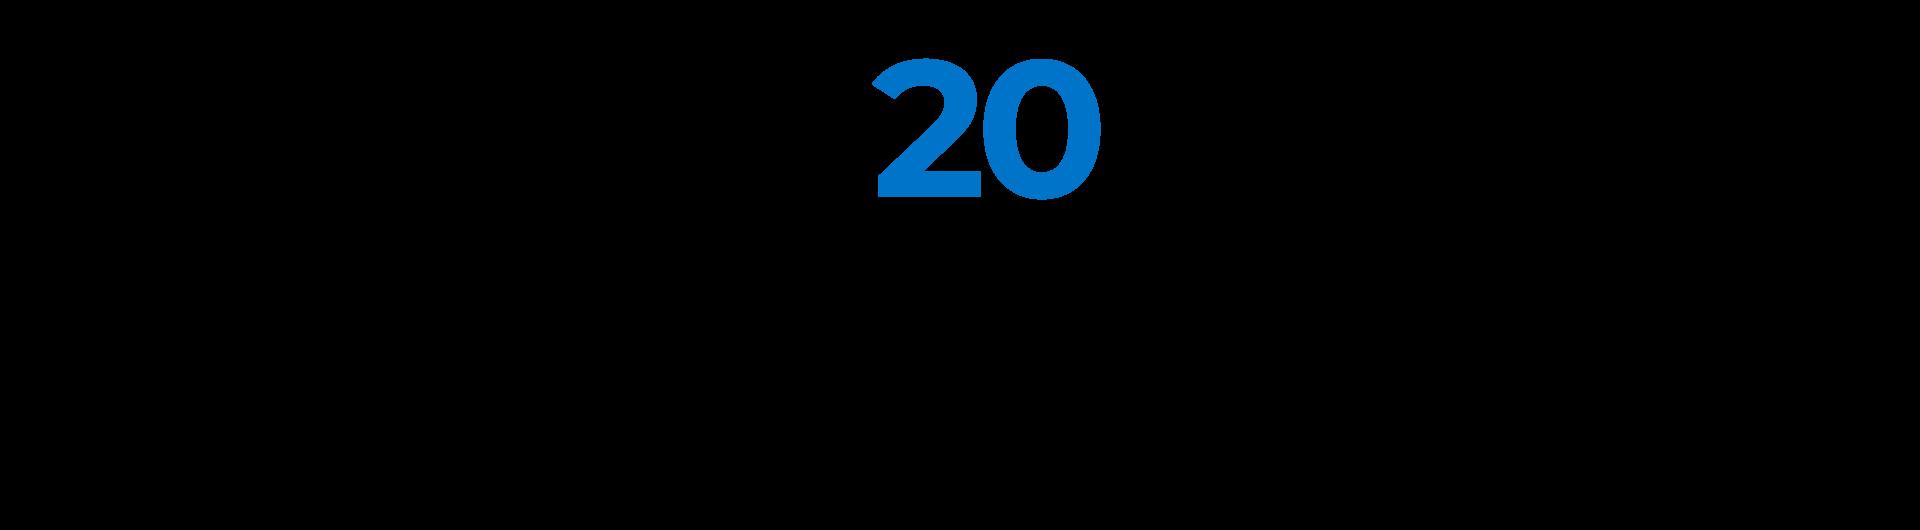 20 productos con grandes avances tecnológicos